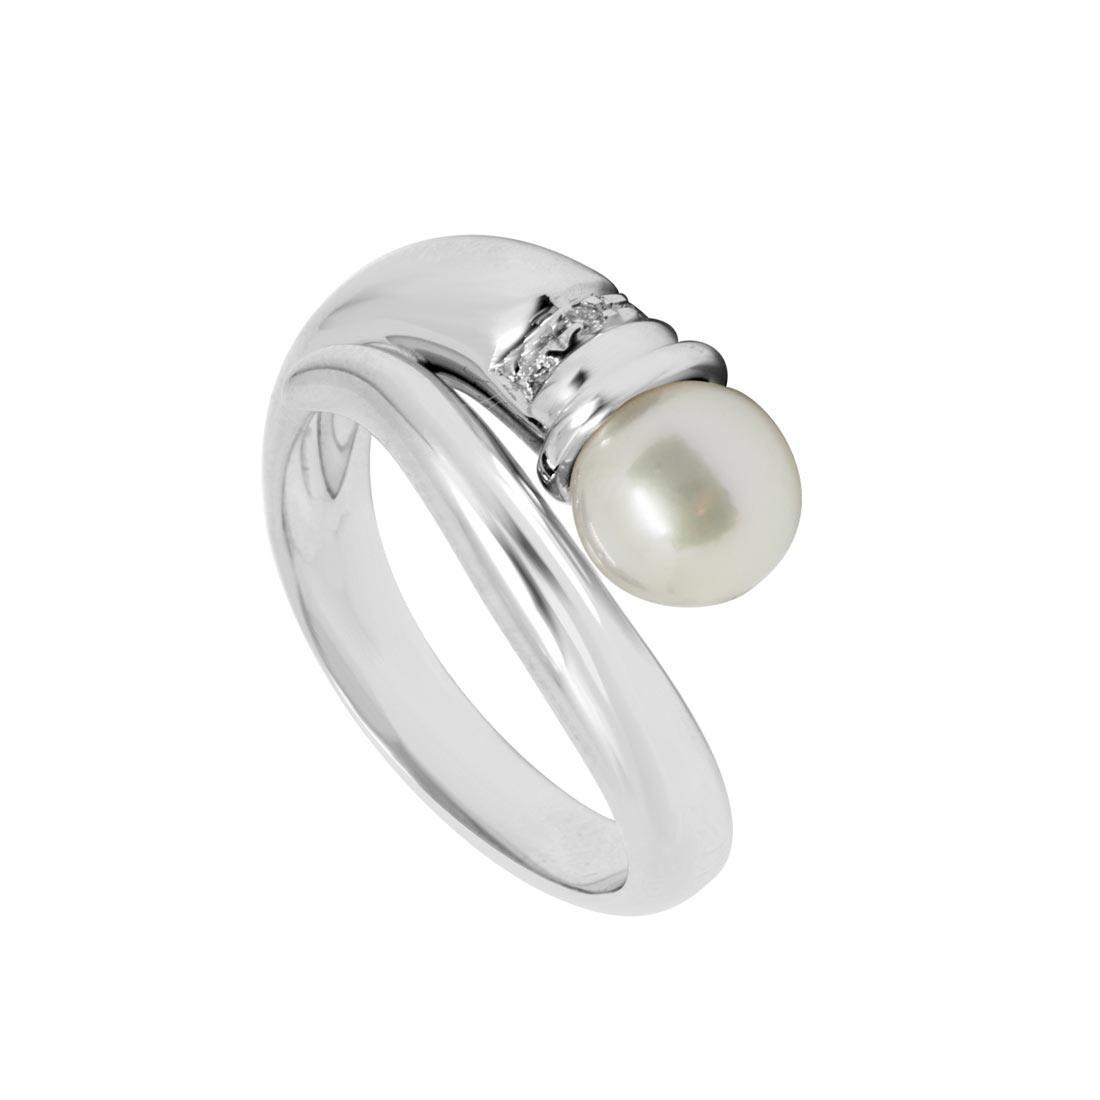 Anello Oro & Co in oro bianco con diamanti 0.54 ct e perla, misura 16 - ORO&CO